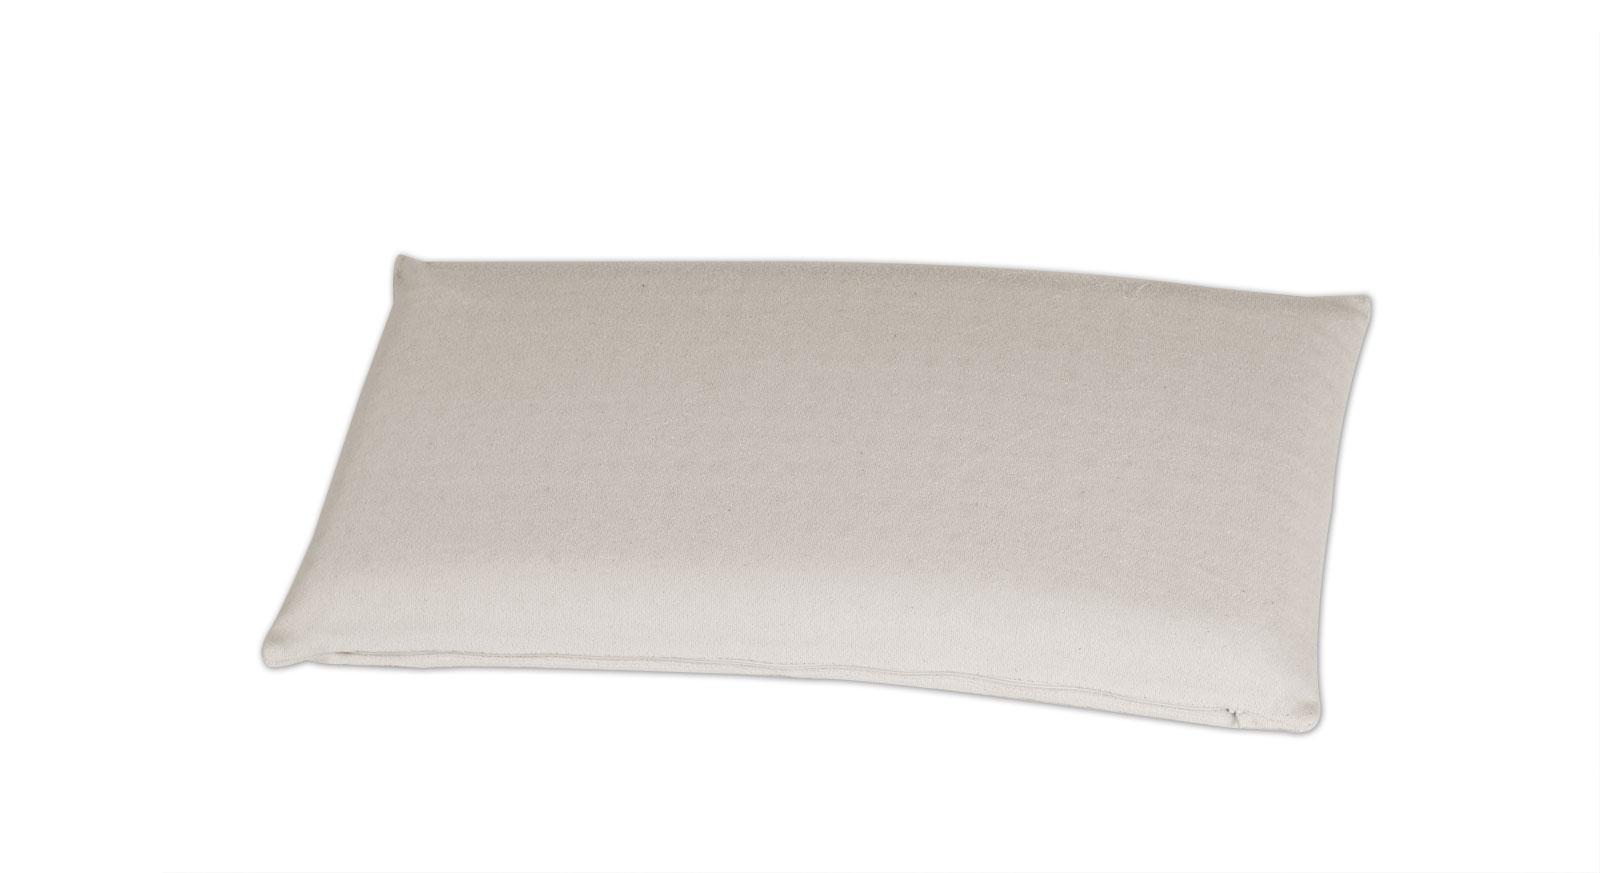 Latex-Nackenstützkissen youSleep mit feuchtigkeitsregulierendem Frottee-Bezug